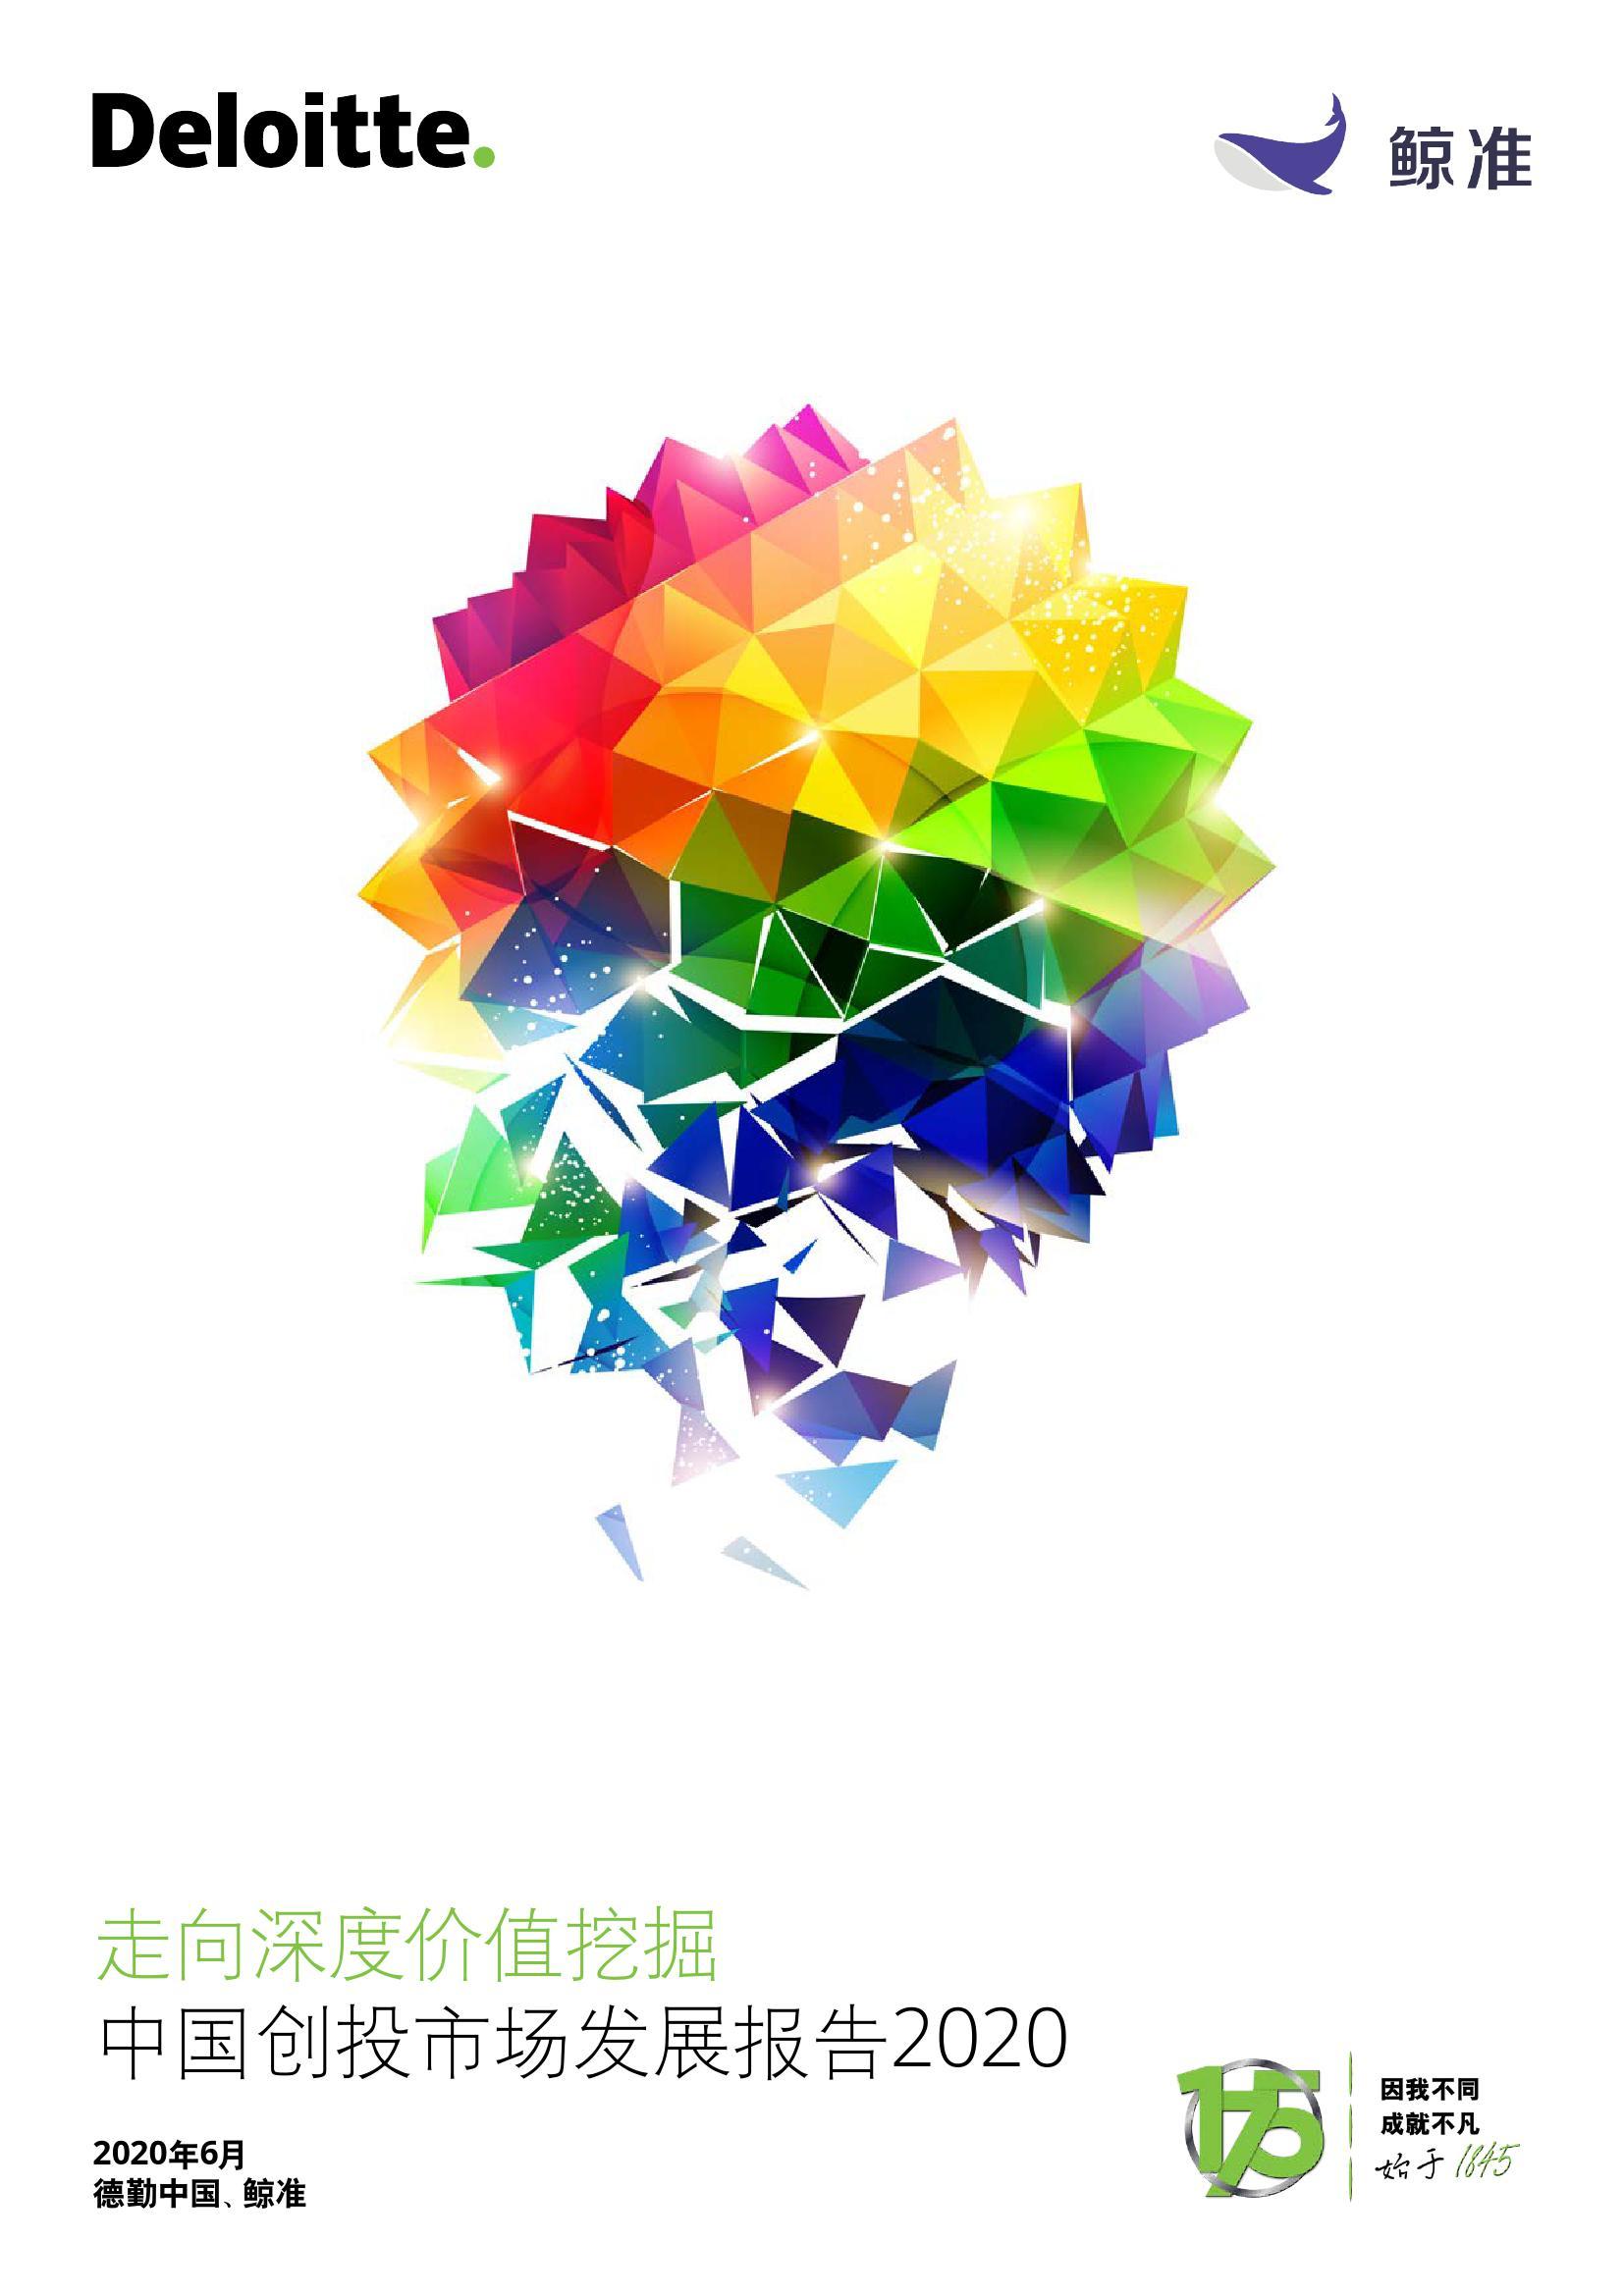 德勤咨询&鲸准:2020年中国创投市场发展报告(附下载)